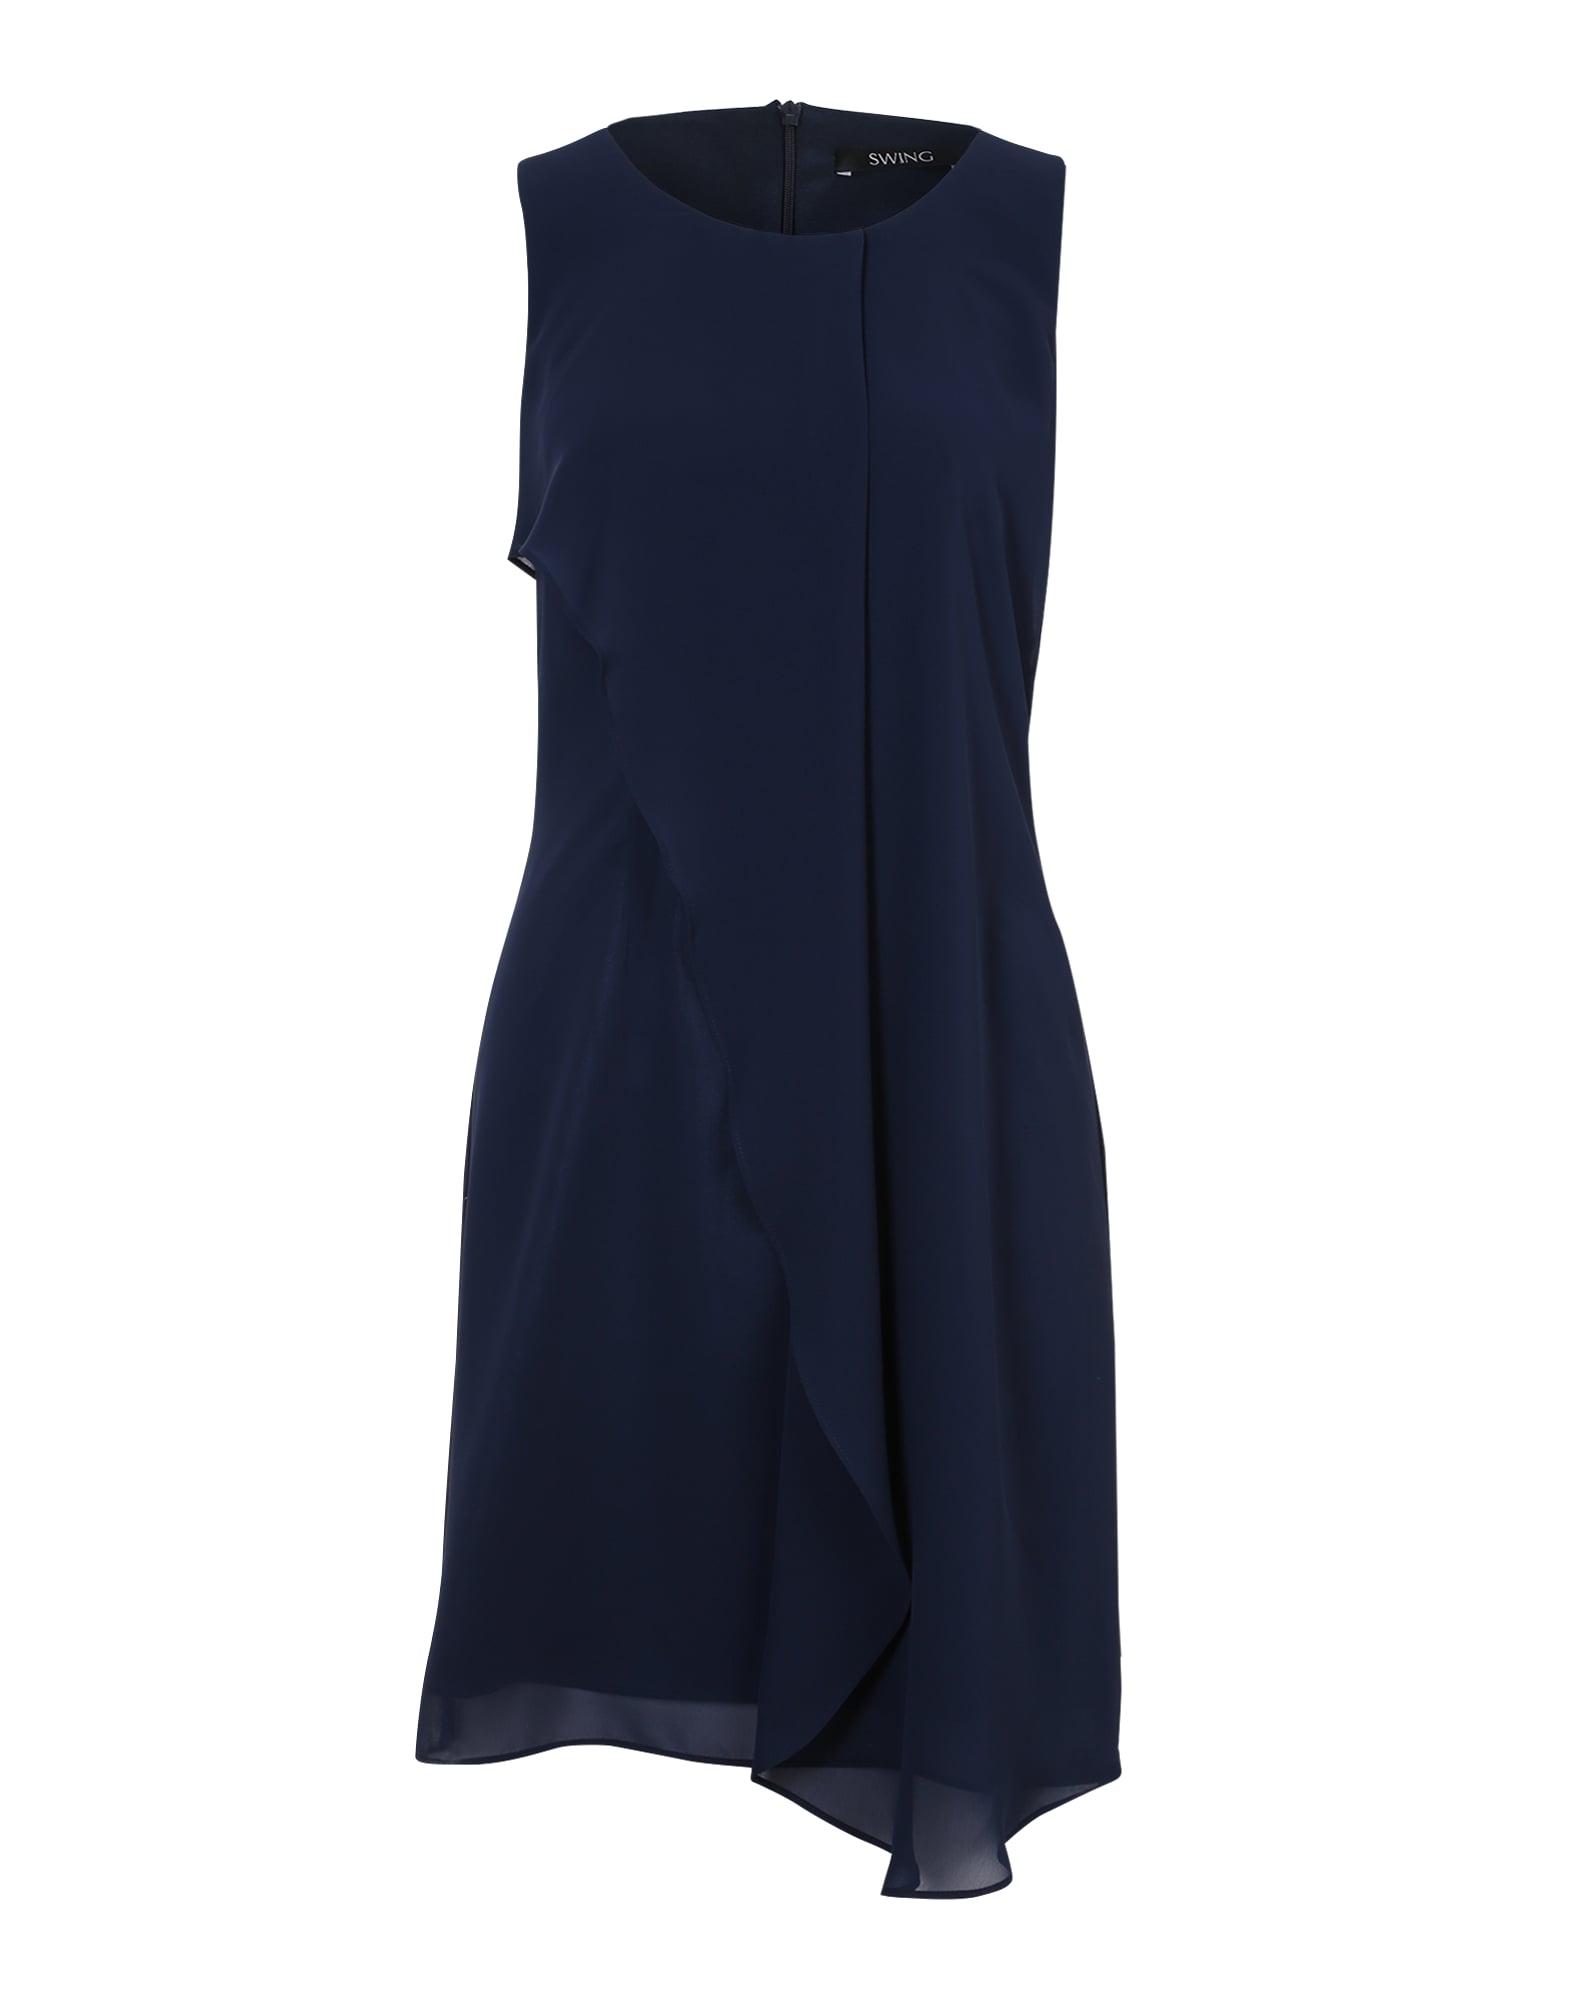 Koktejlové šaty námořnická modř SWING